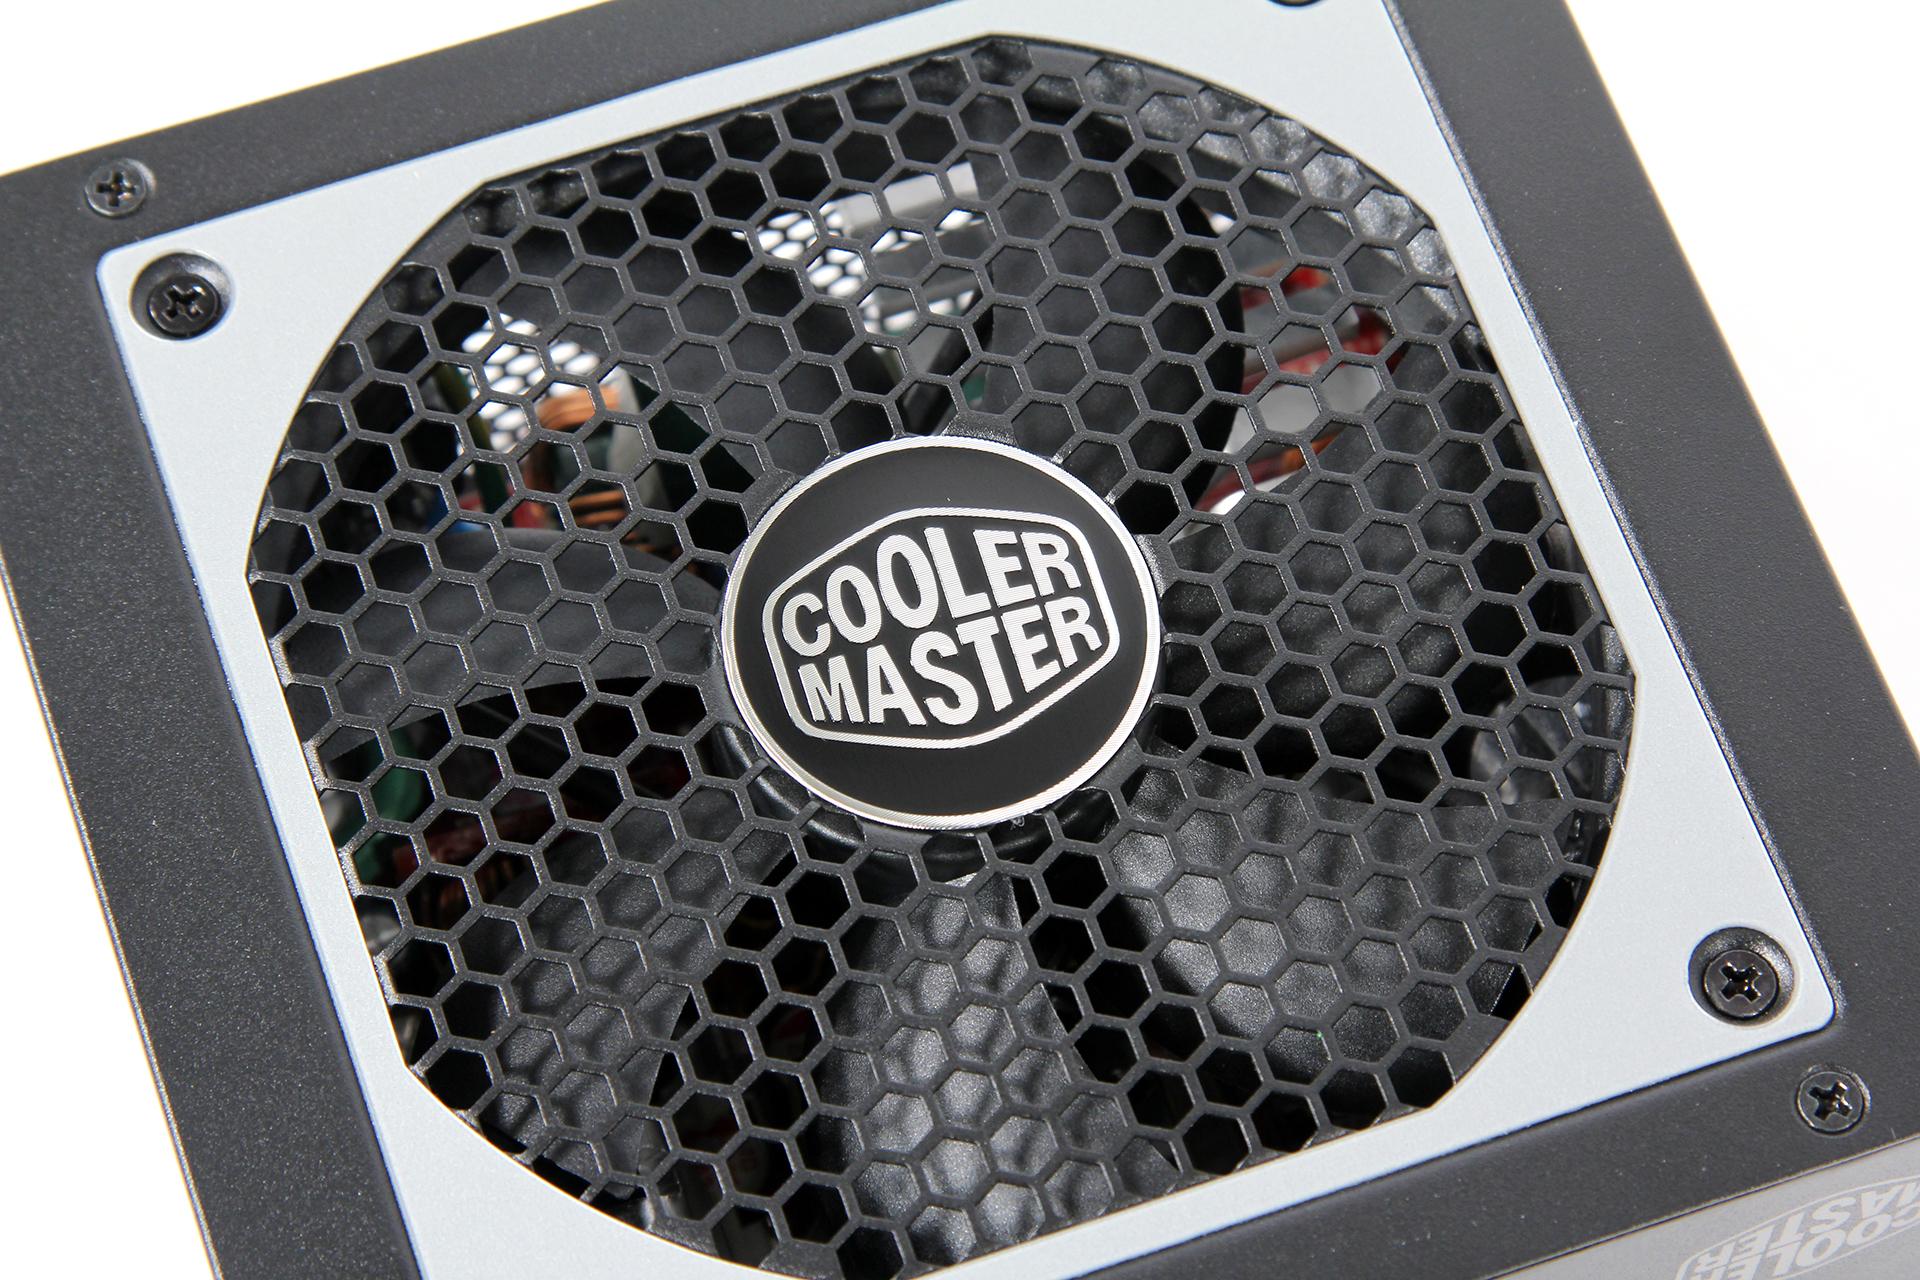 [Unboxing] Cooler Master V550s